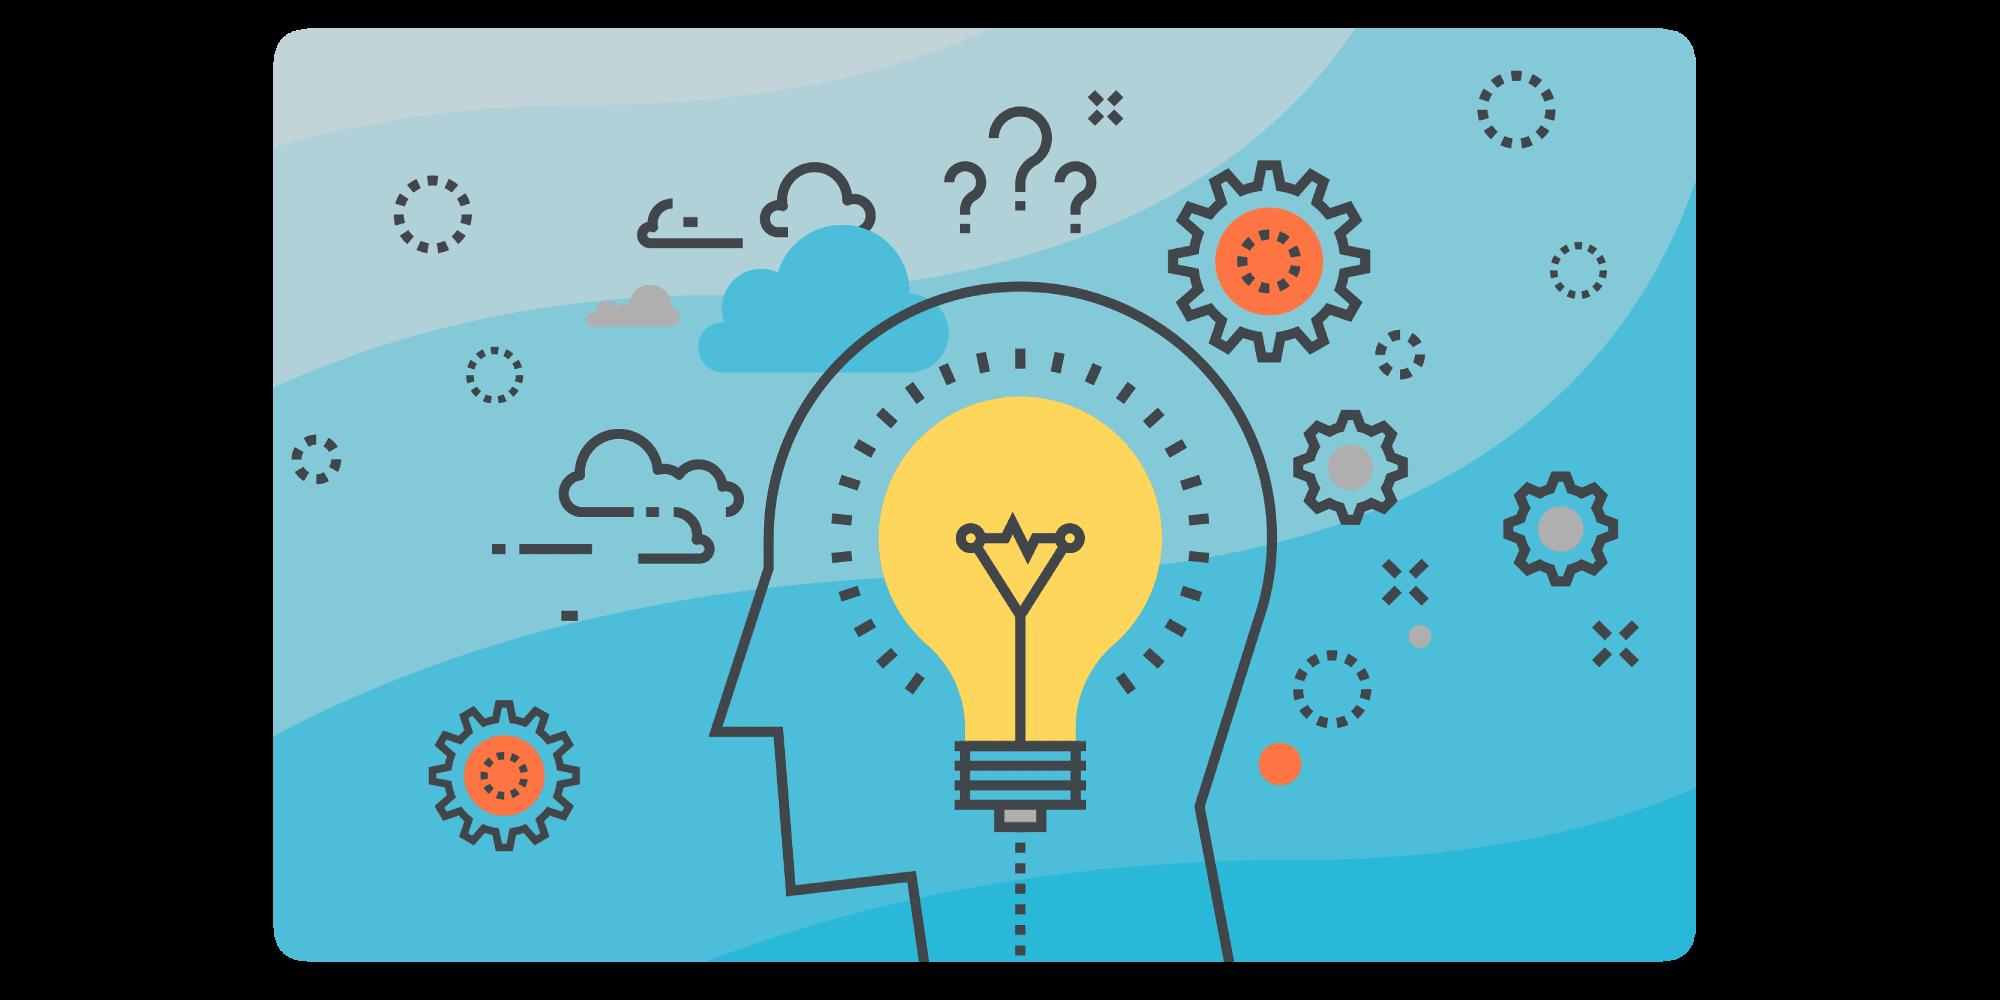 پیاده سازی ایده برای کسب درآمد